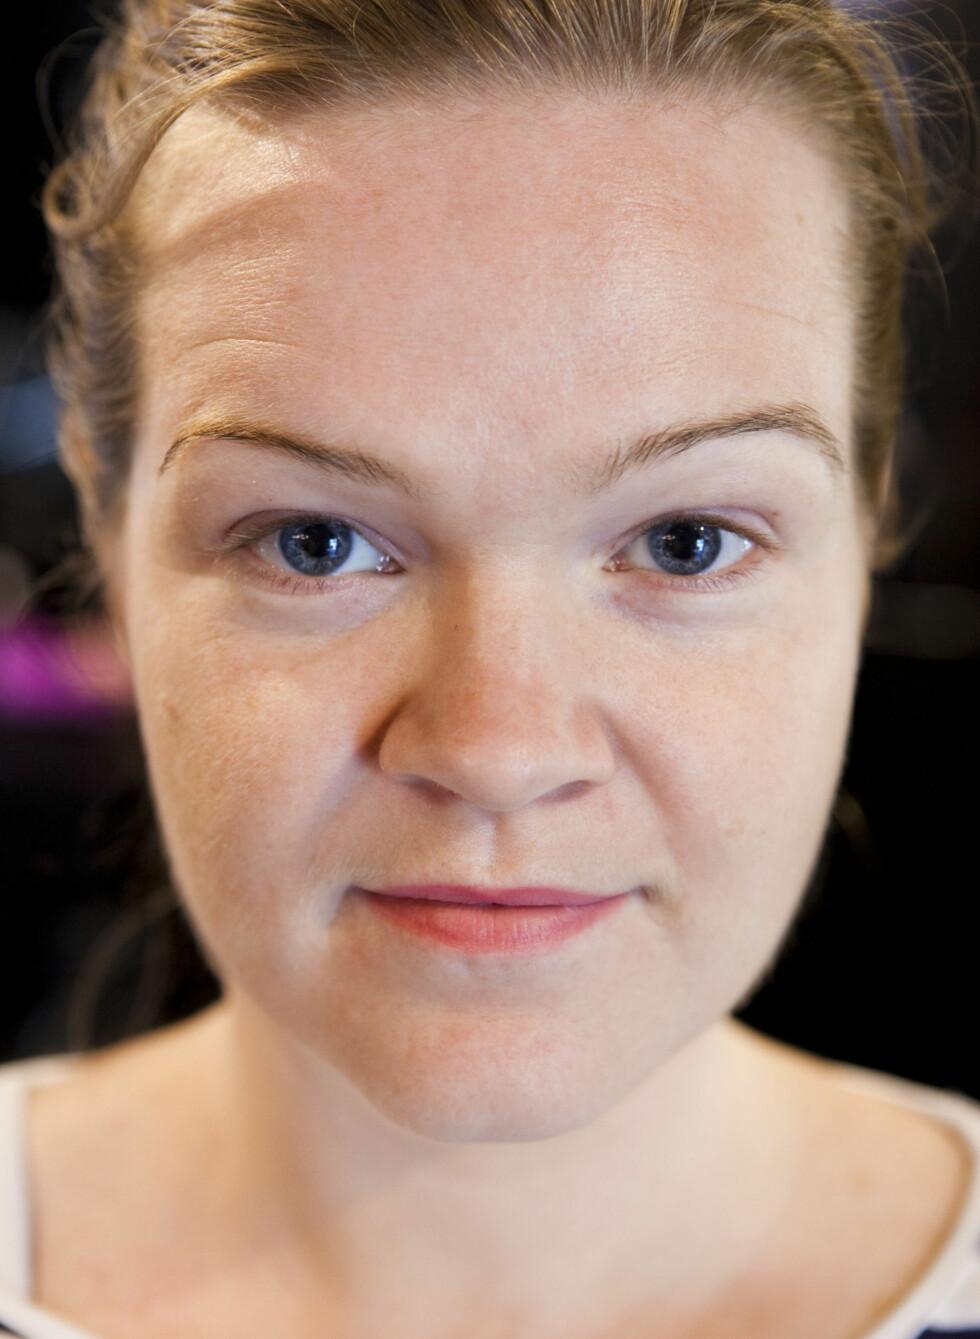 FØR: Slik så øyebrynene til KK.no-journalist Aina ut før bryneksperten satte i gang. Foto: Per Ervland